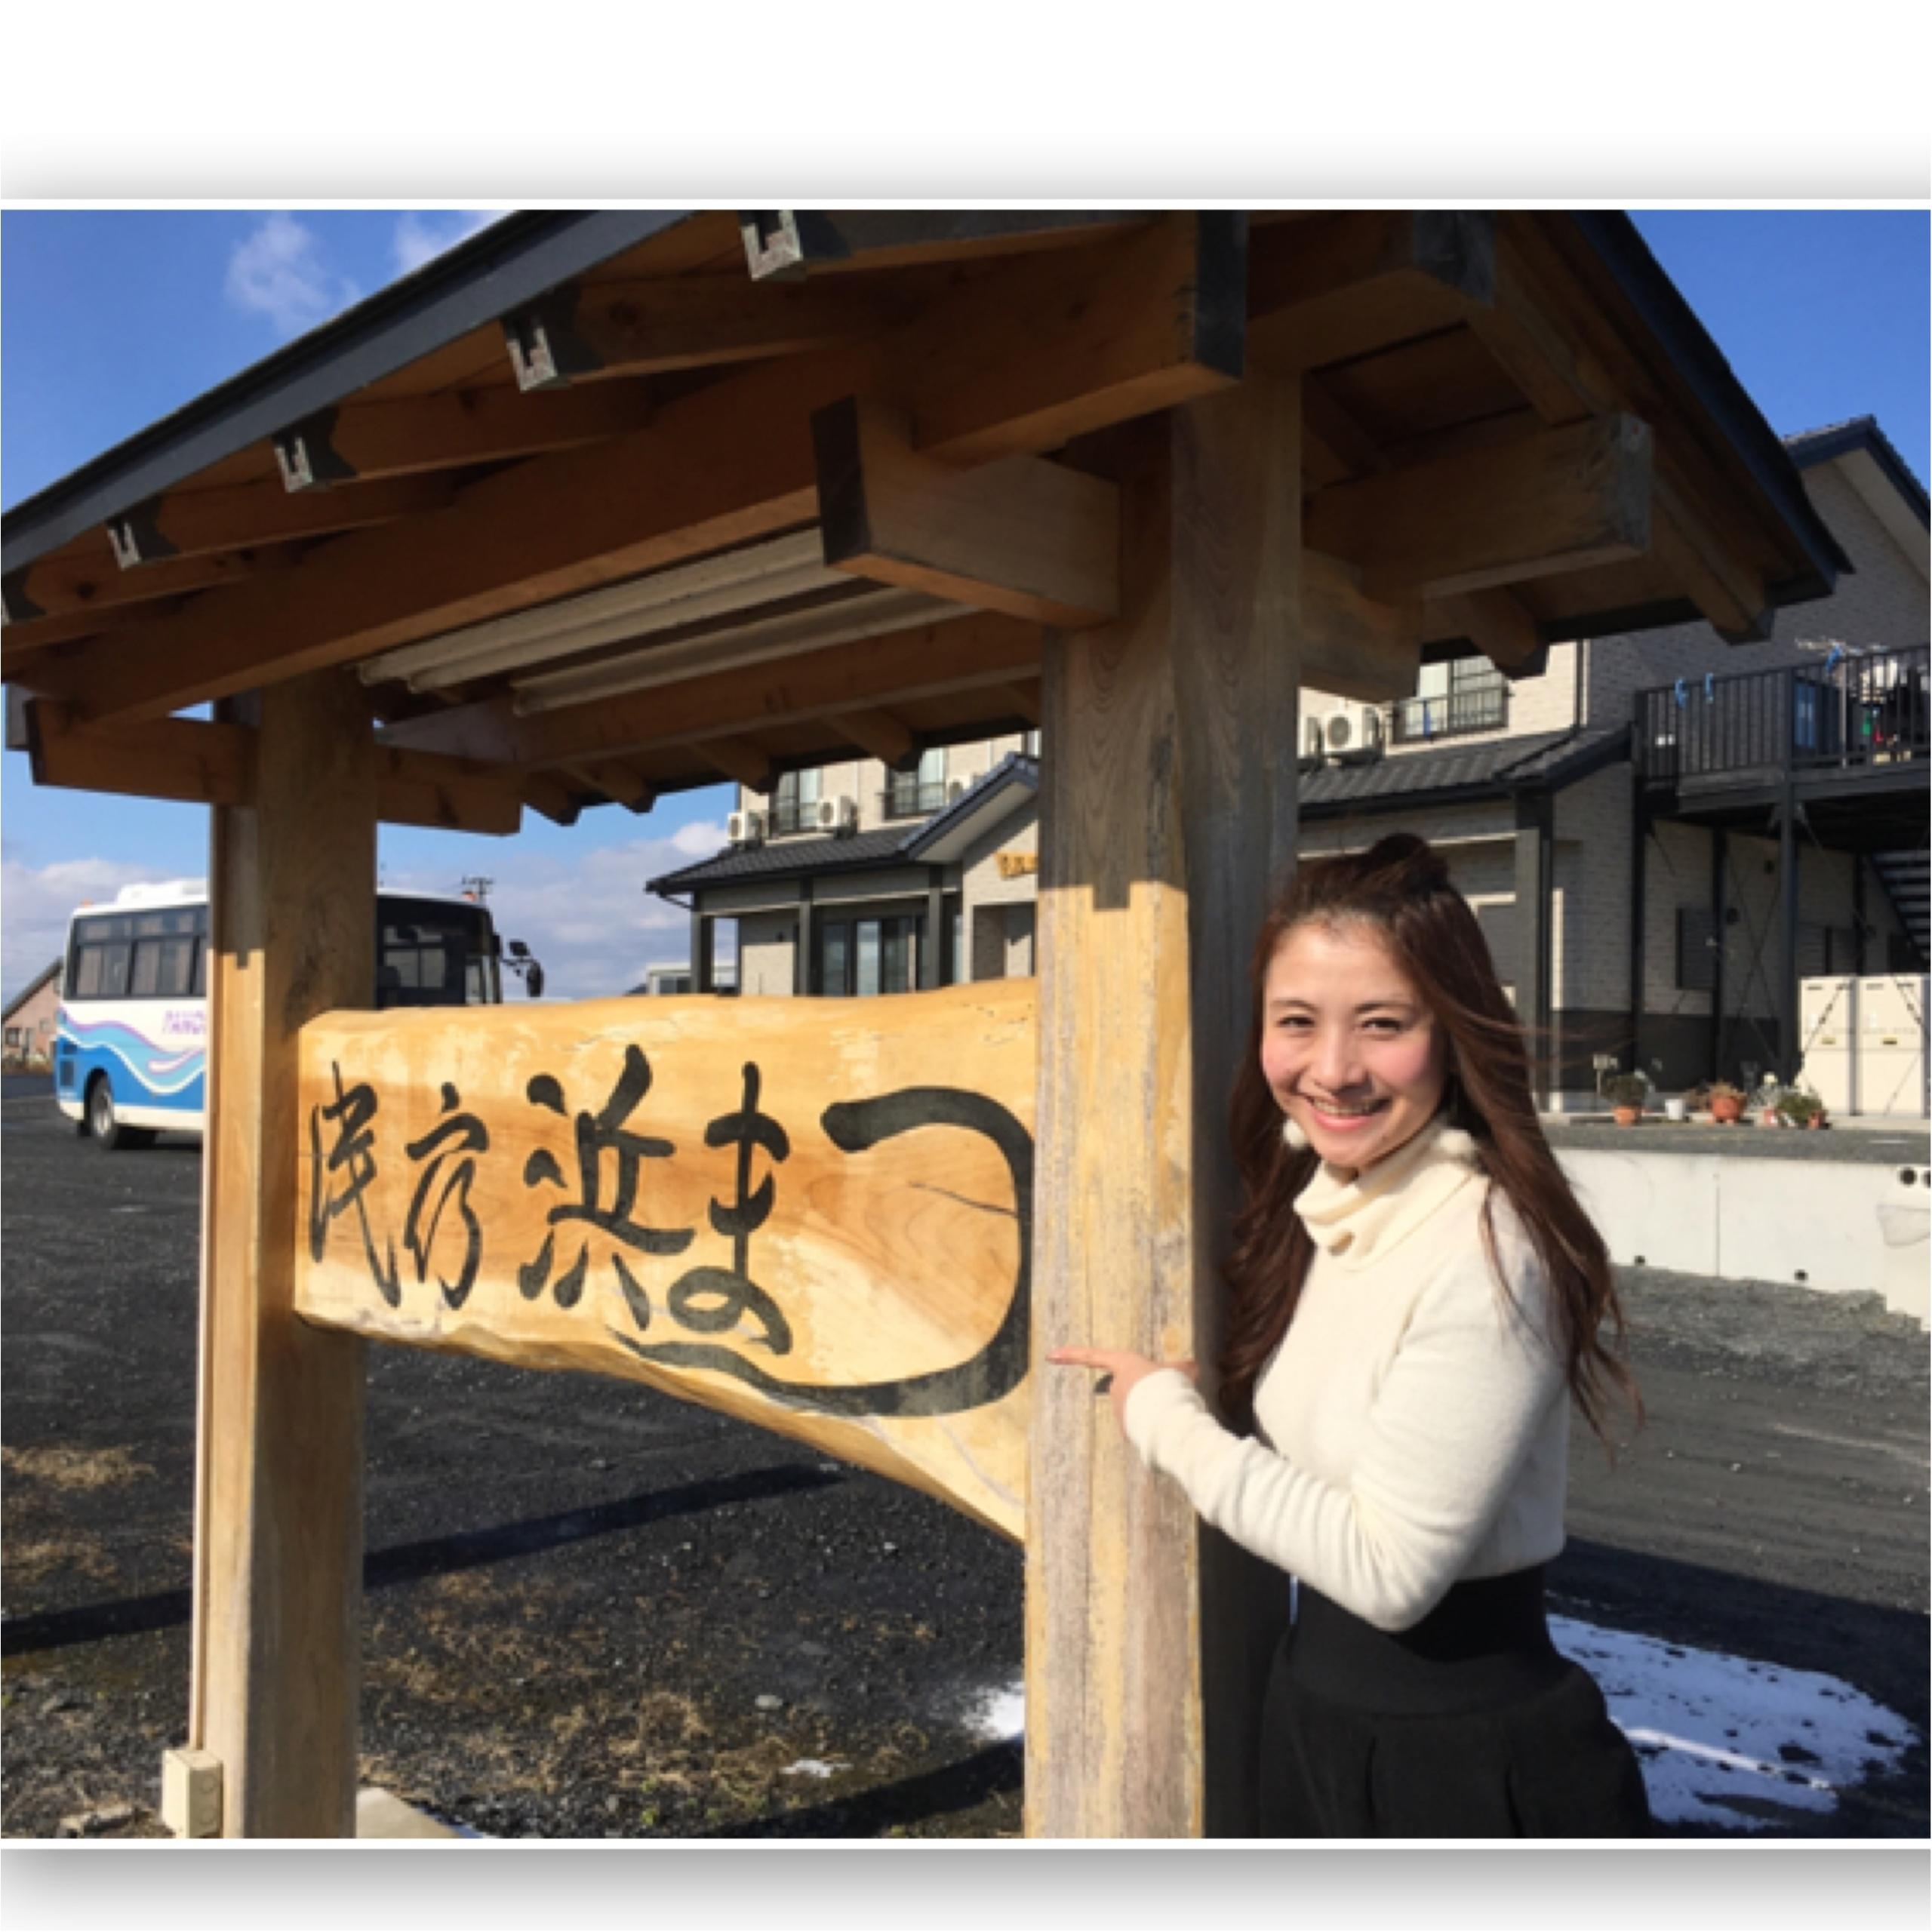 行ってきました‼︎【仙台空港】‼︎ランチにはこの季節限定【ほっきめし】も♡_1